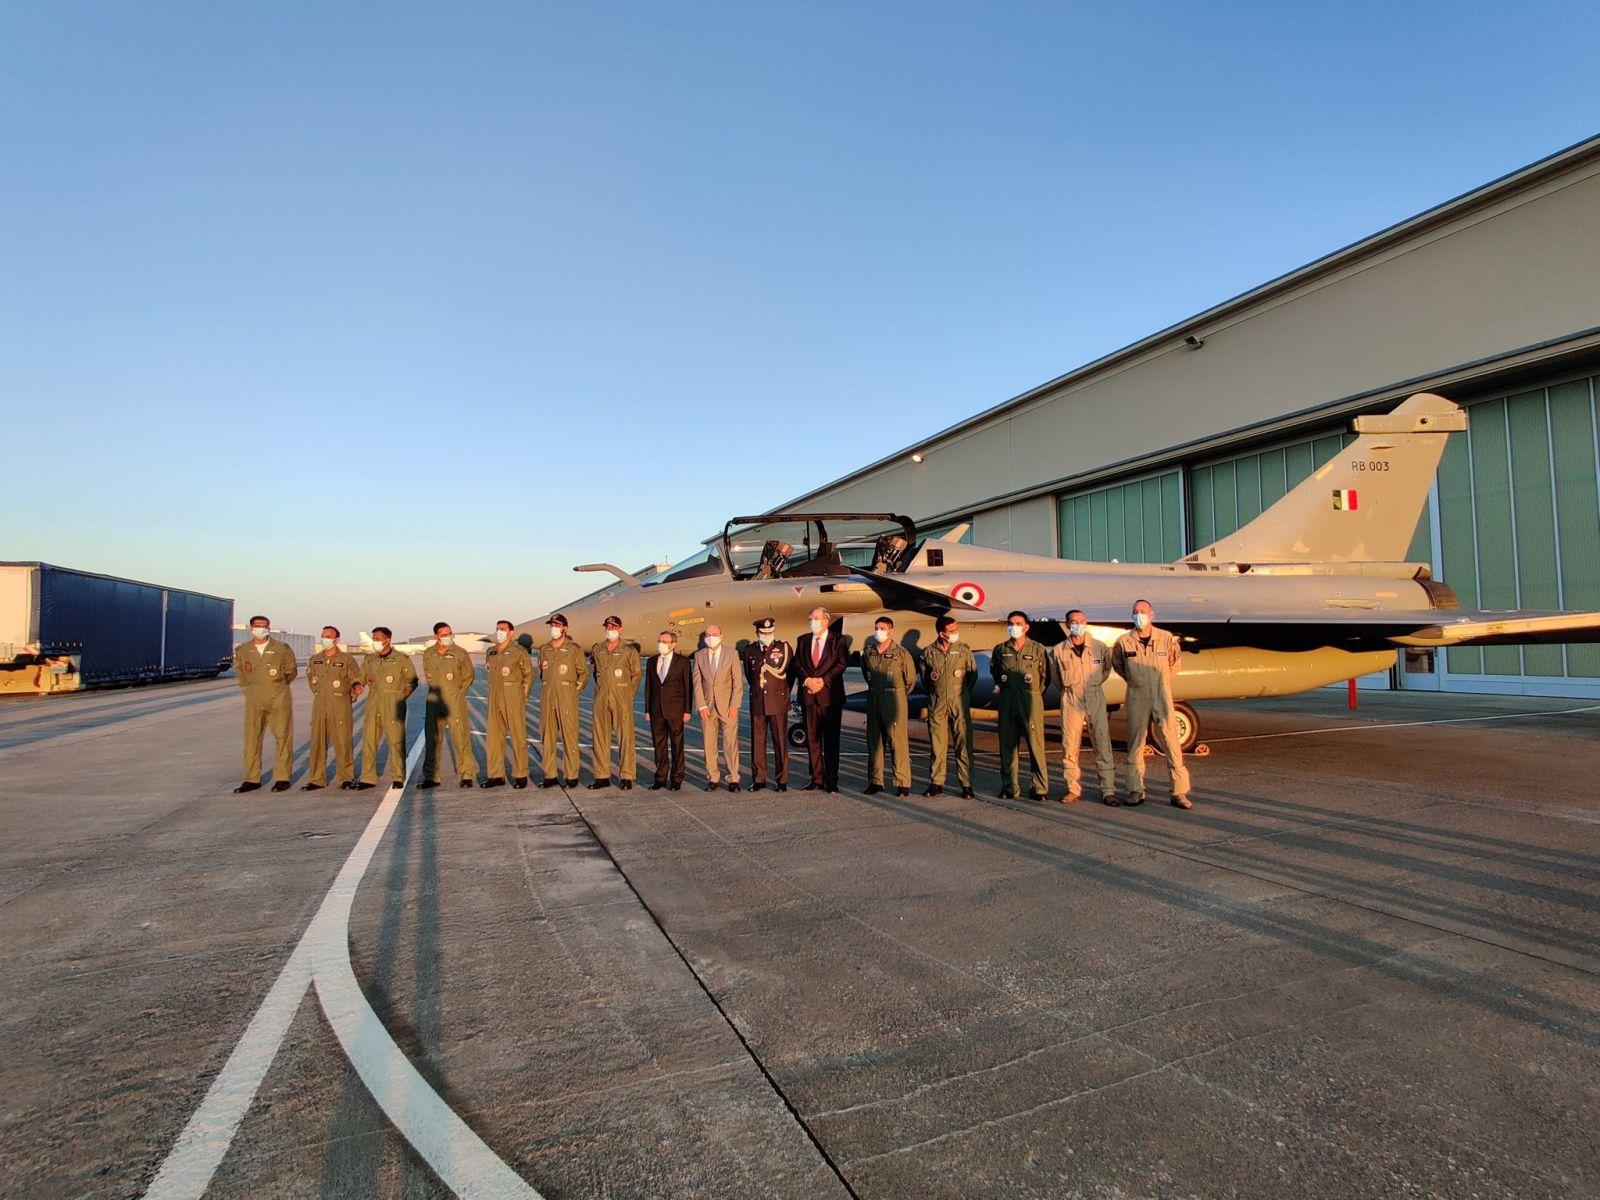 Започна доставянето на първата партида изтребители Rafale за индийските ВВС